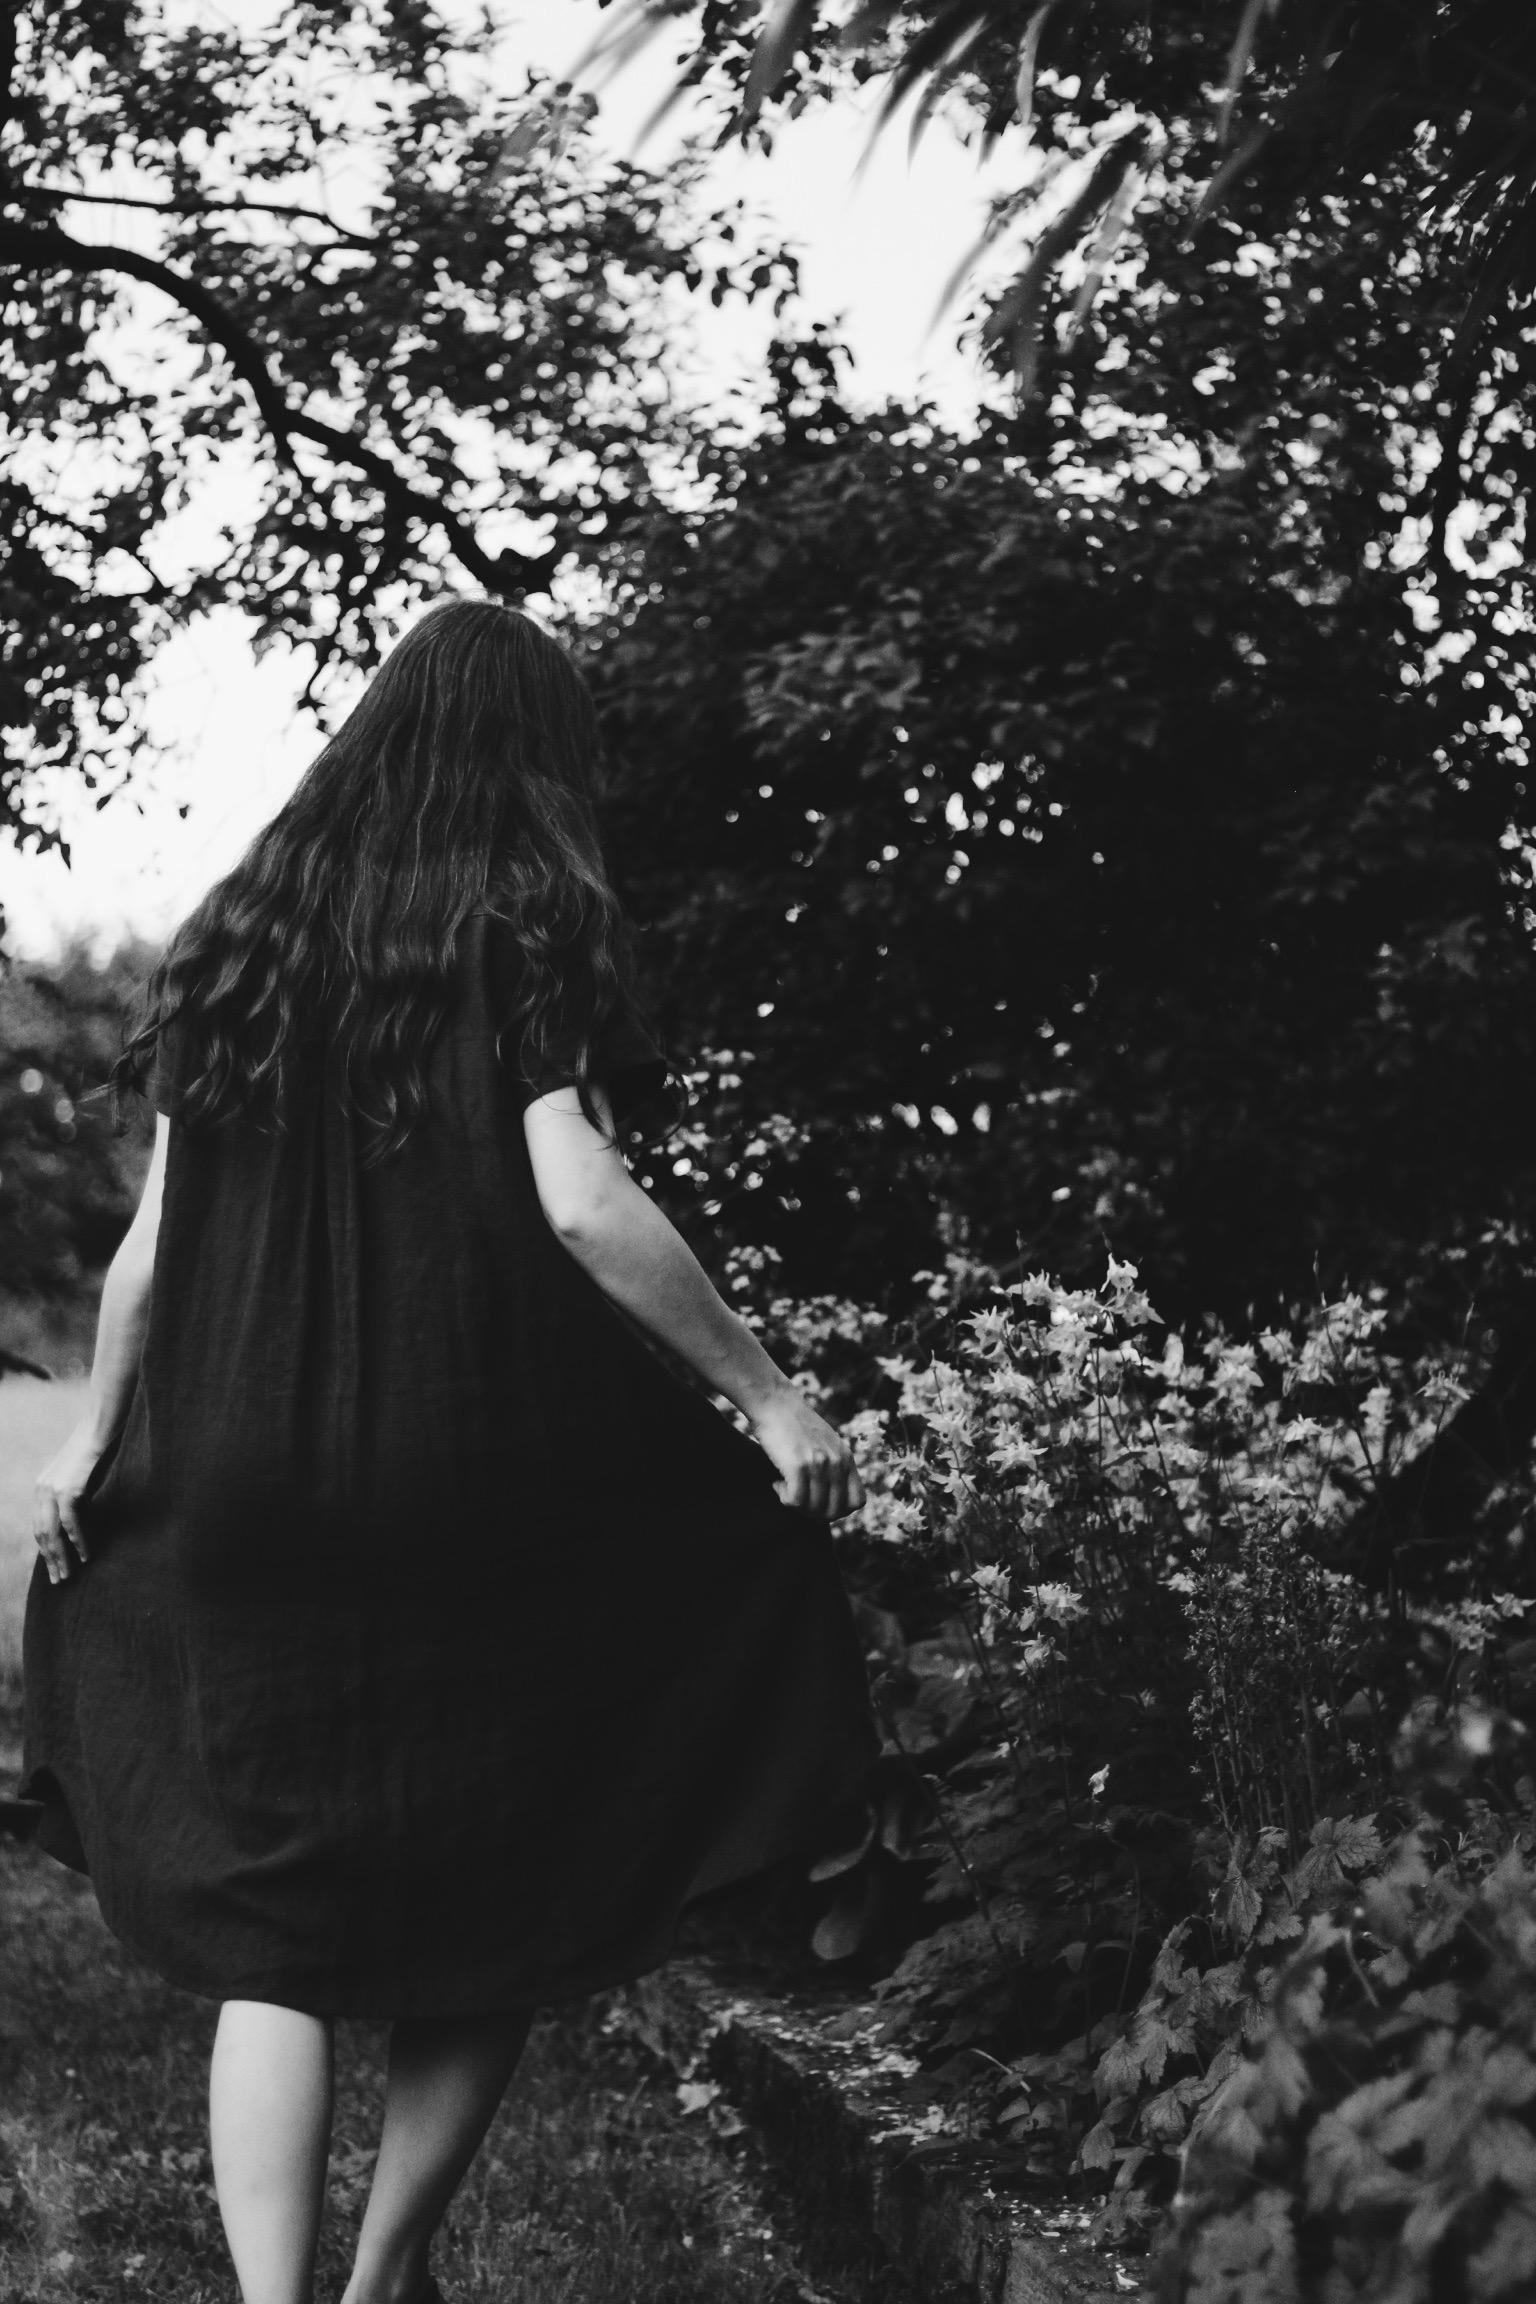 Girl walking through flower bushes